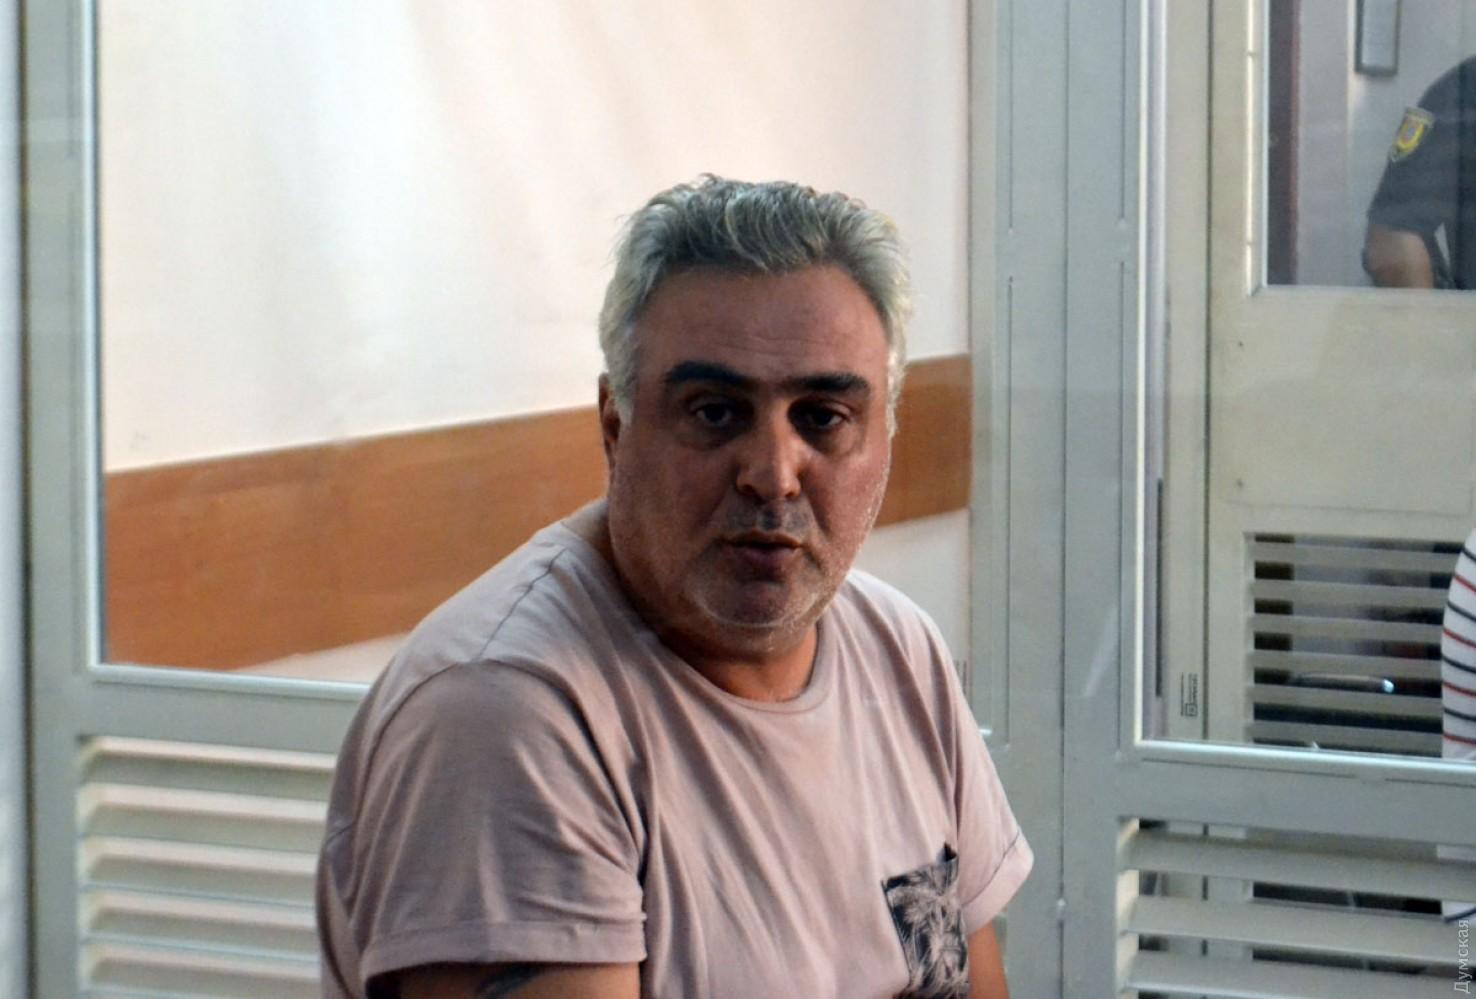 Трагедия вдетском лагере «Виктория»: суд снова отпустил директора Саркисяна под залог